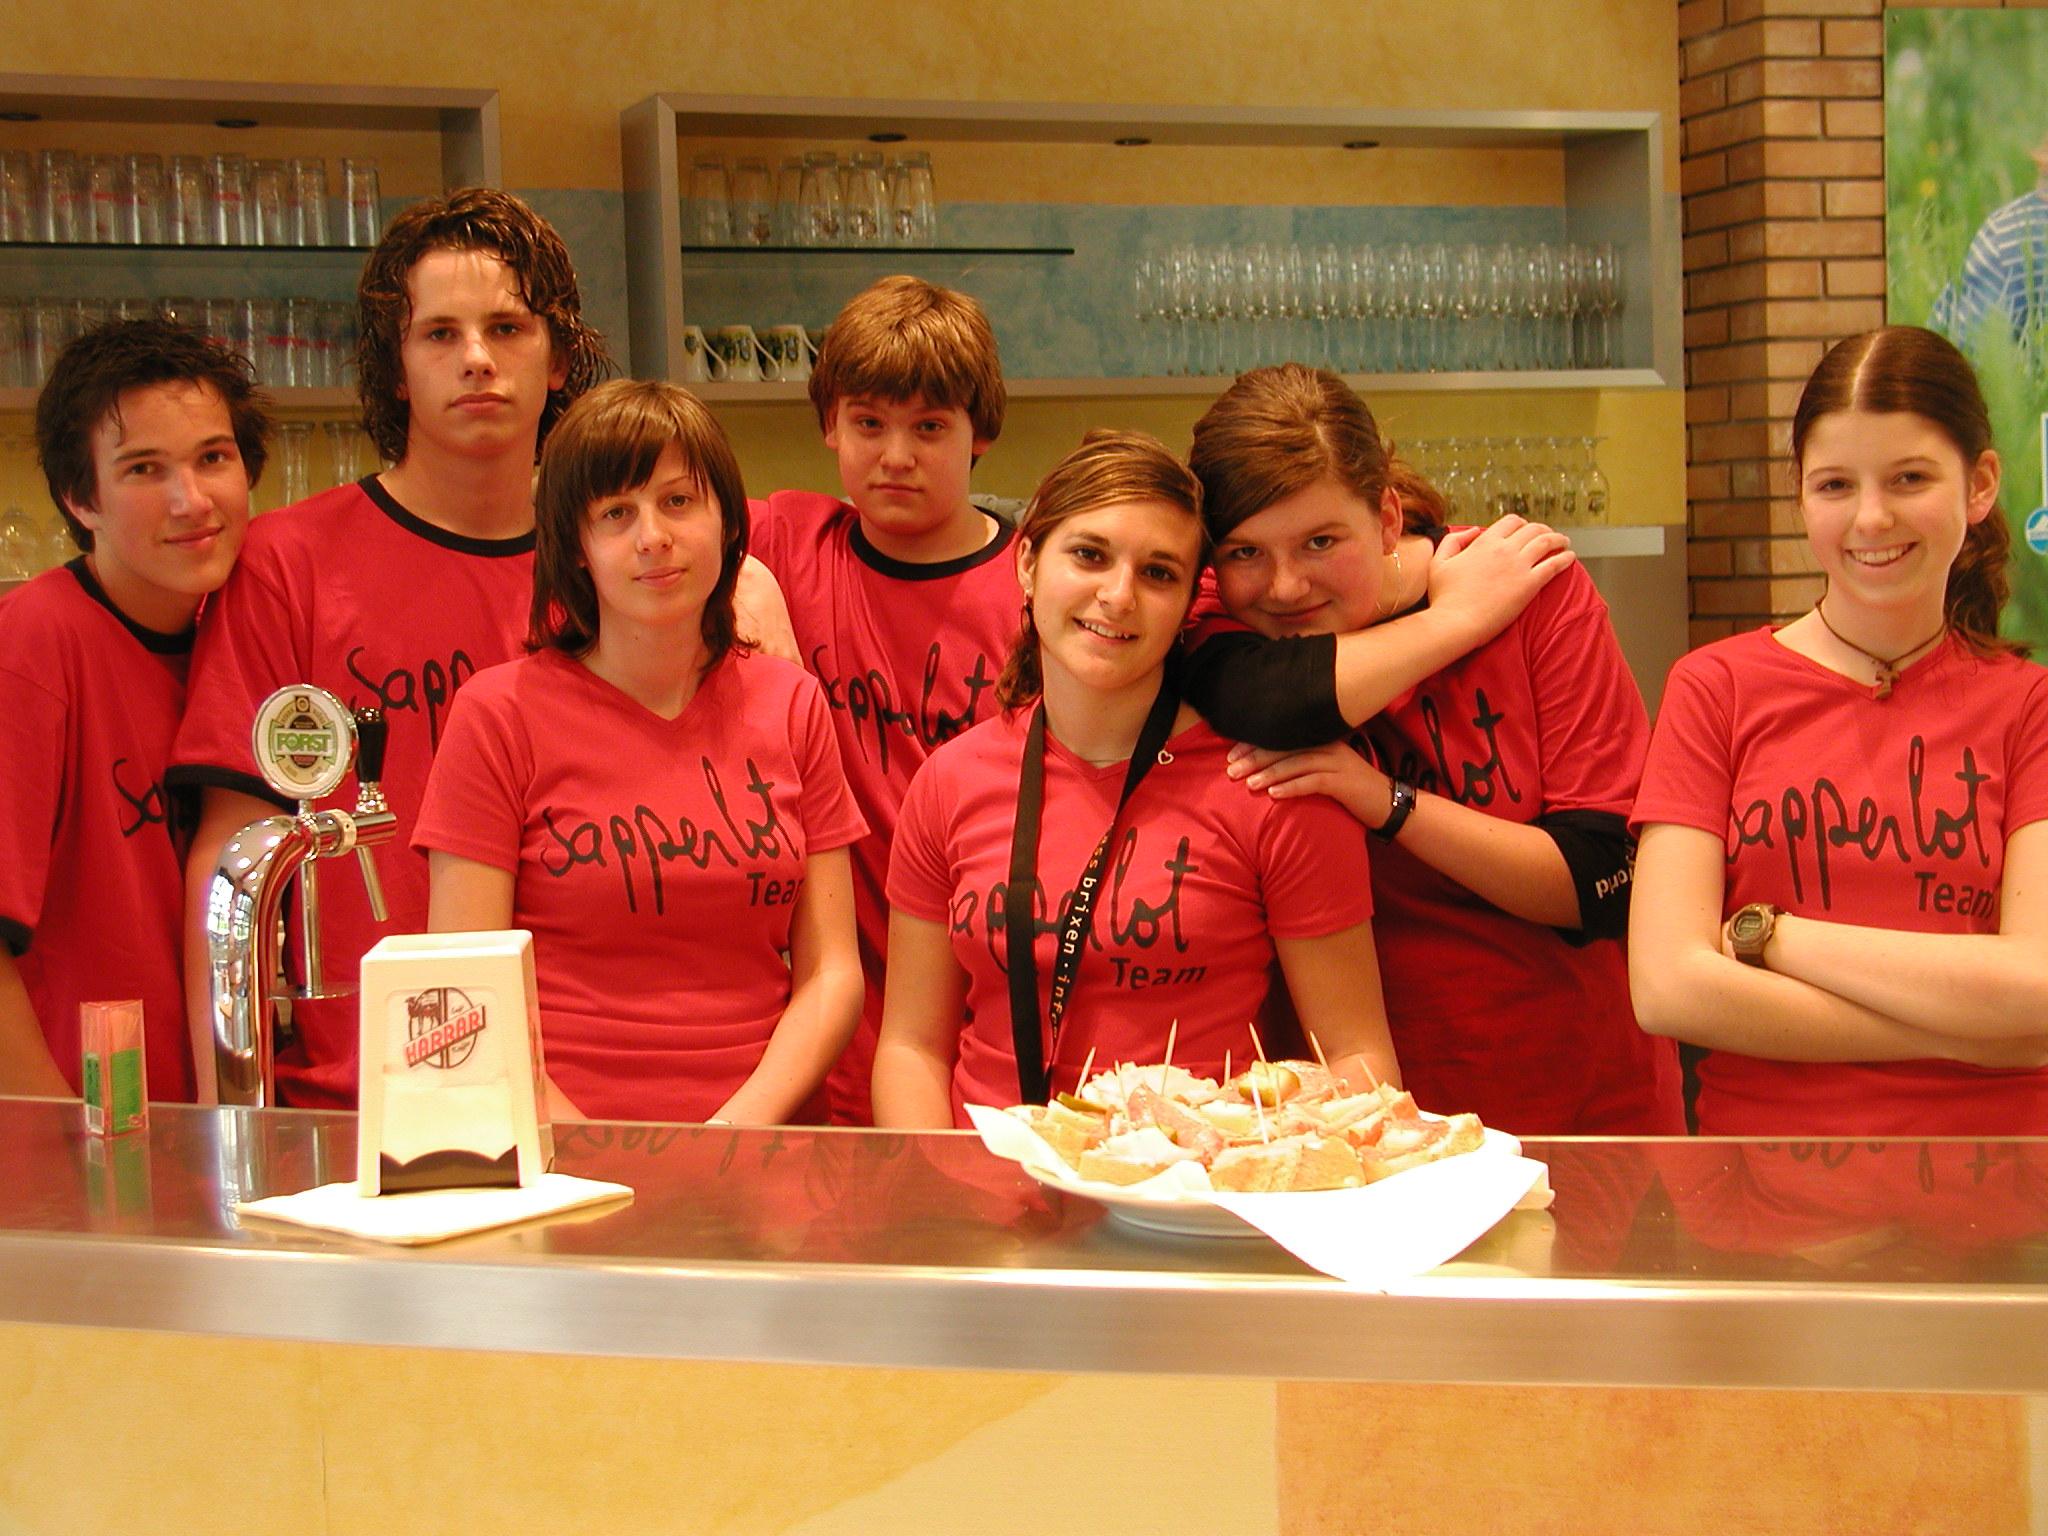 2004 sapperlot Team 2.JPG